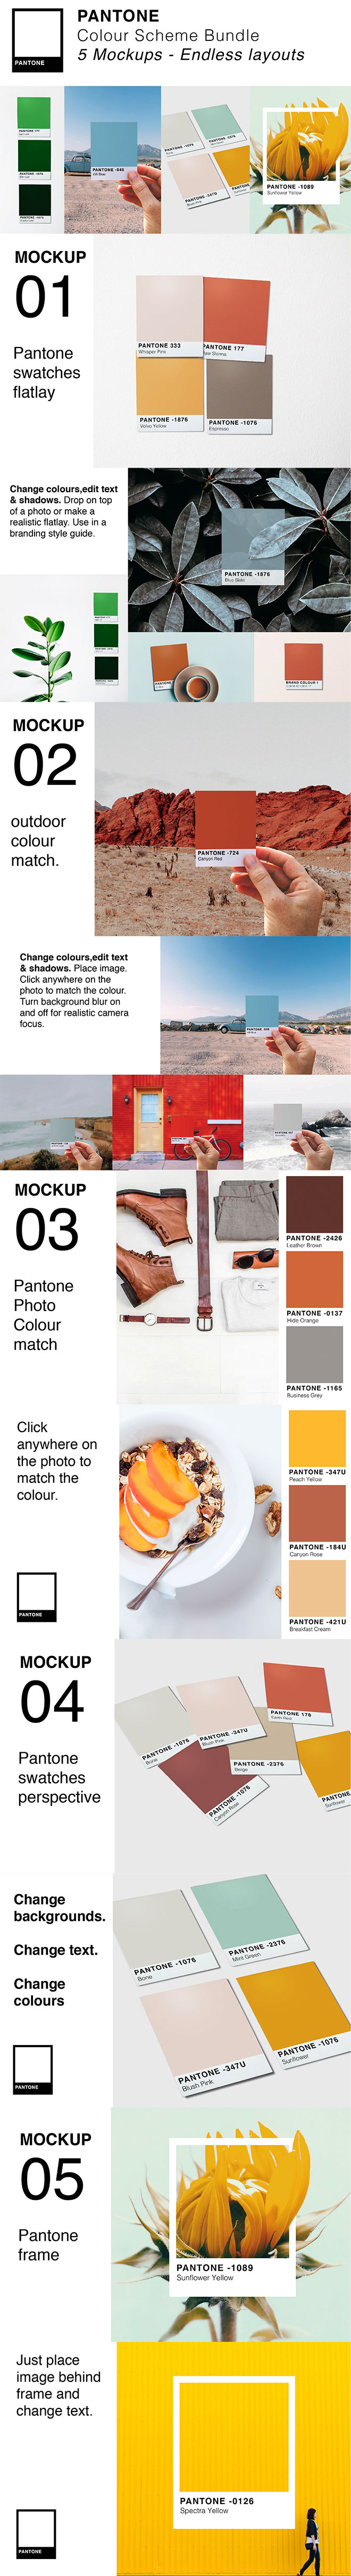 Pantone Colour Swatch Mockups for Premium Members